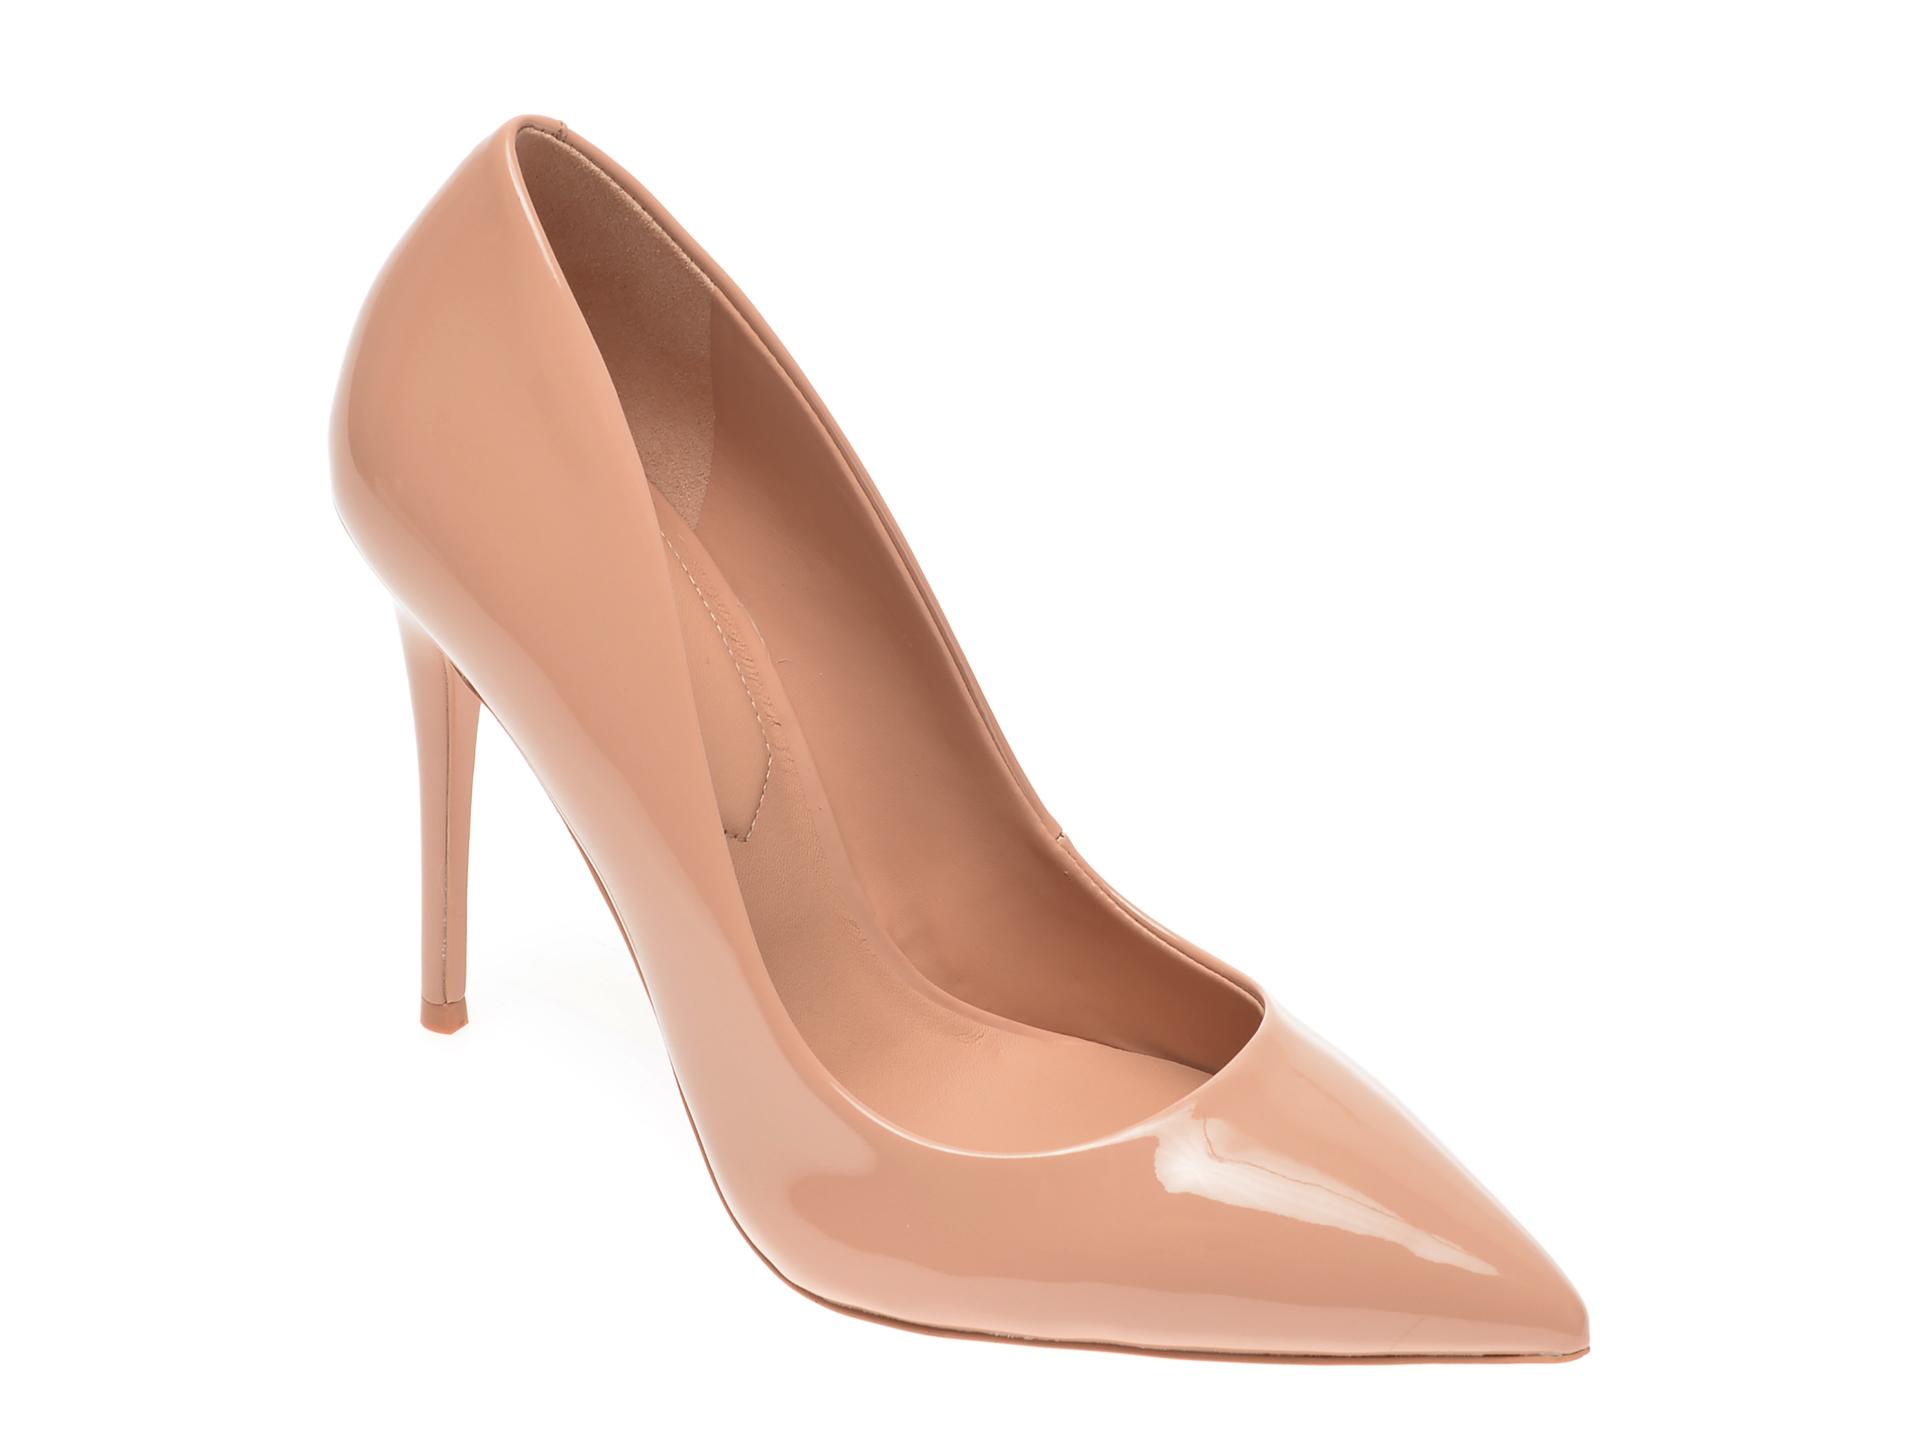 Pantofi ALDO nude, Stessy_270, din piele ecologica imagine otter.ro